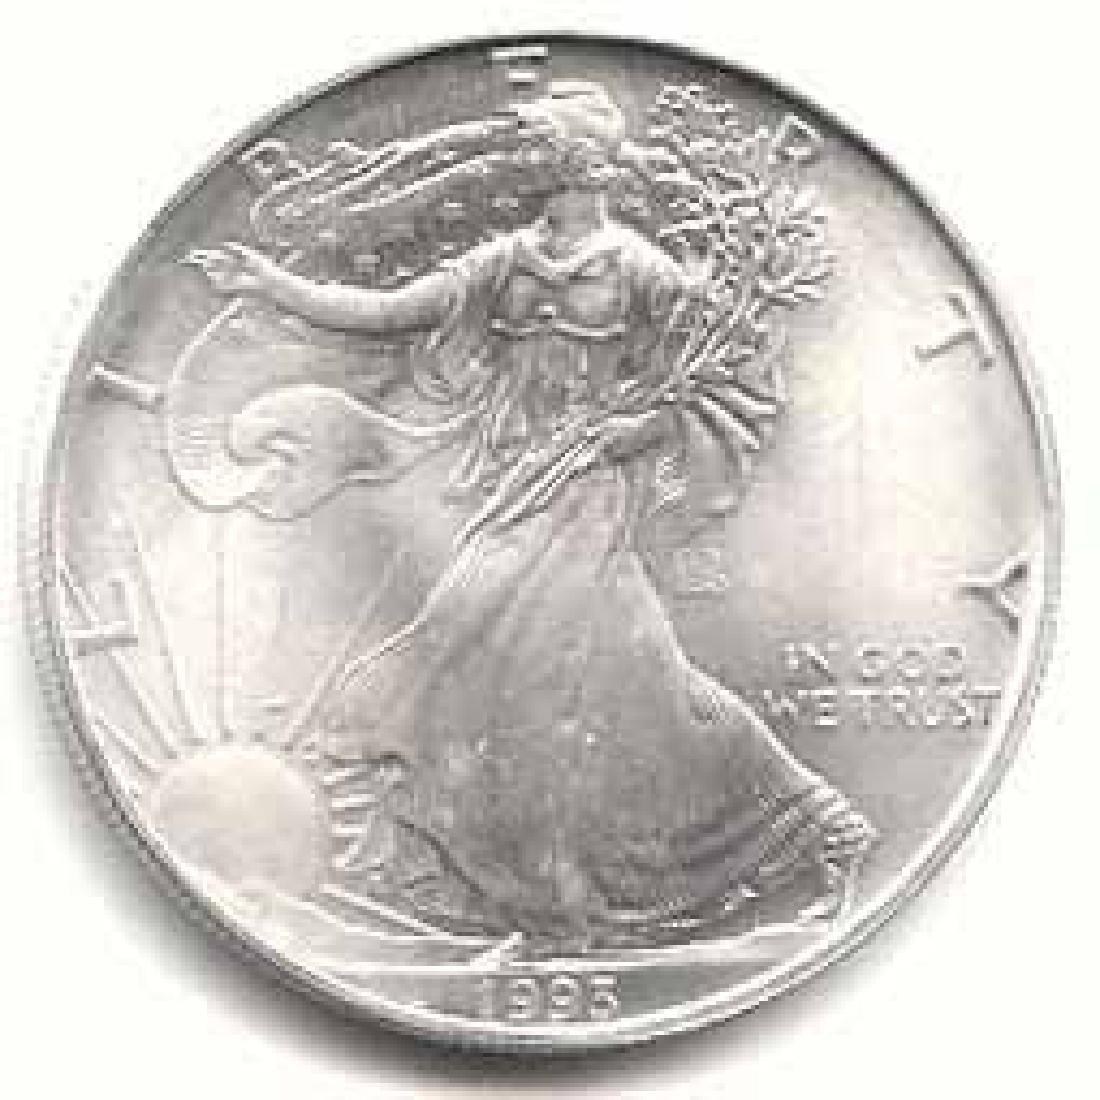 1993 1 oz Silver American Eagle BU